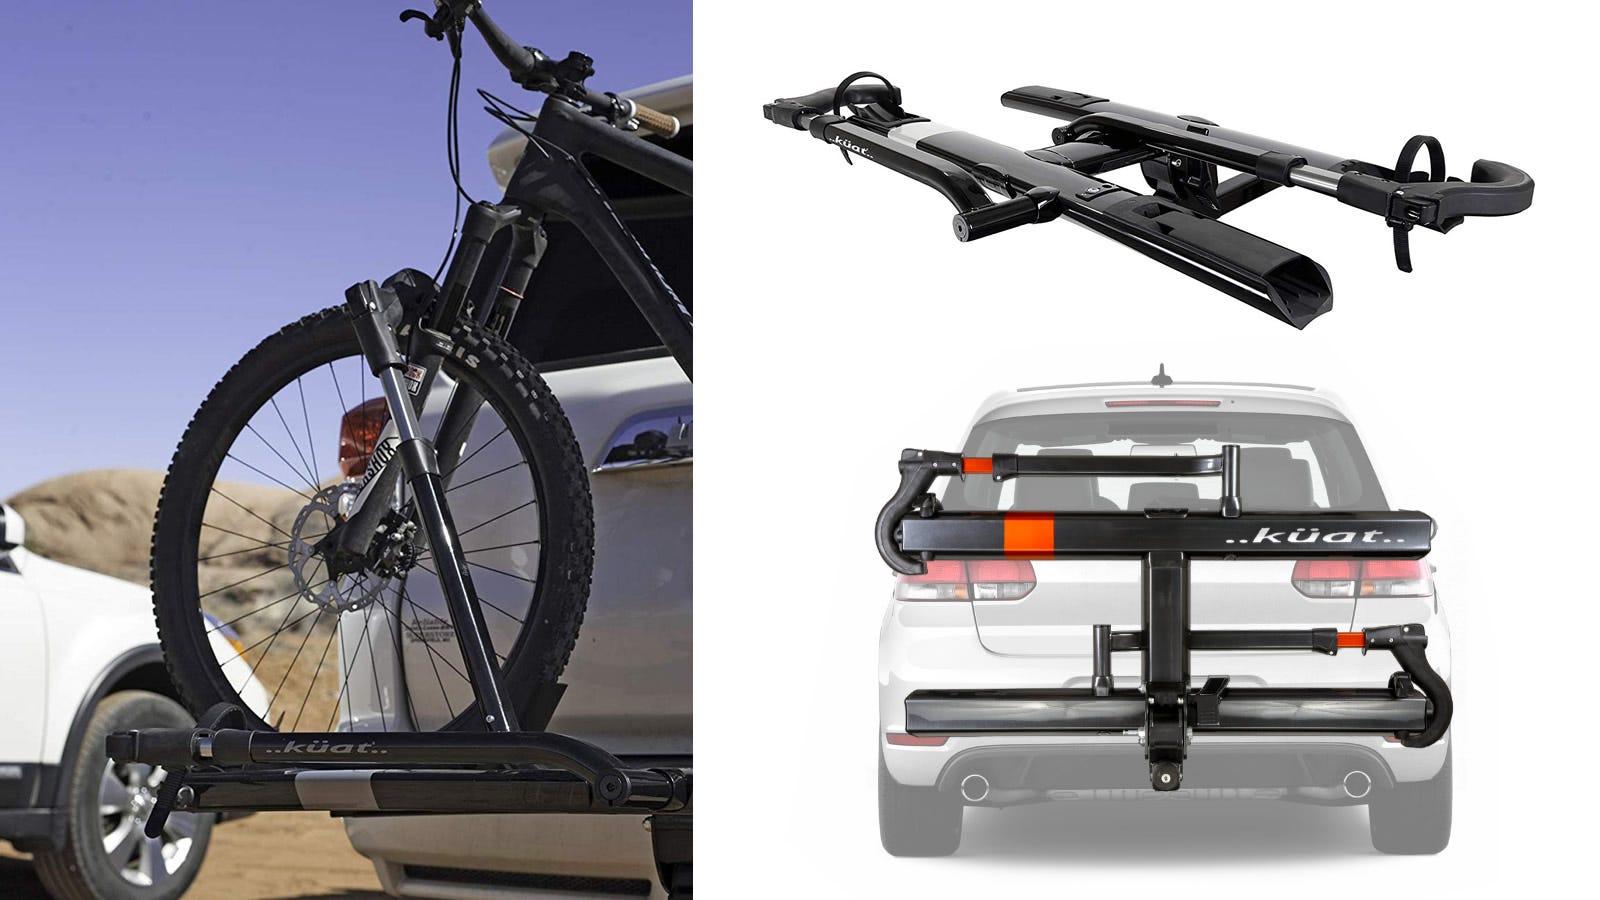 Kuat Sherpa hitch mount car bike rack